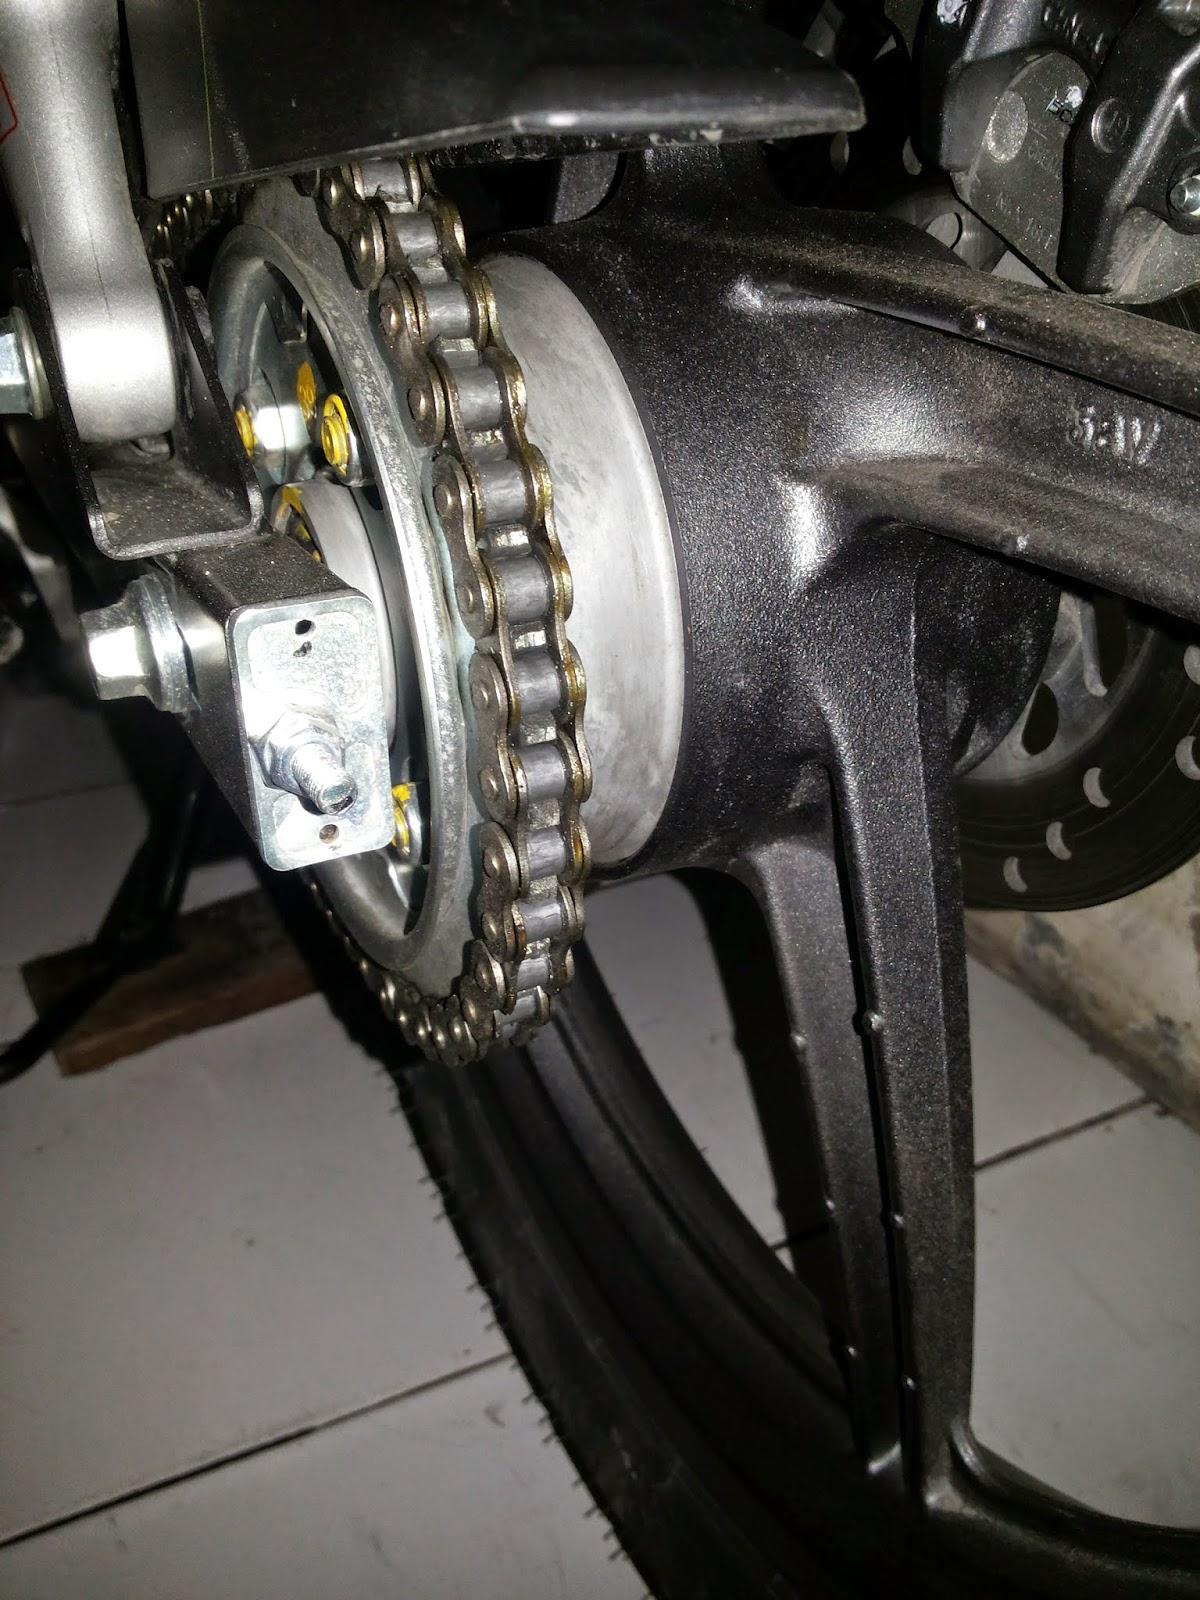 Wilfian Sionata Blog About Techno Ban Sepeda Anak Roda Mati 12 Gear Belakang Supra Fi Ini Lebih Besar 39 Mata Dibanding Dengan Lawas Yang Masih 35 Jadi Maka Otomatis